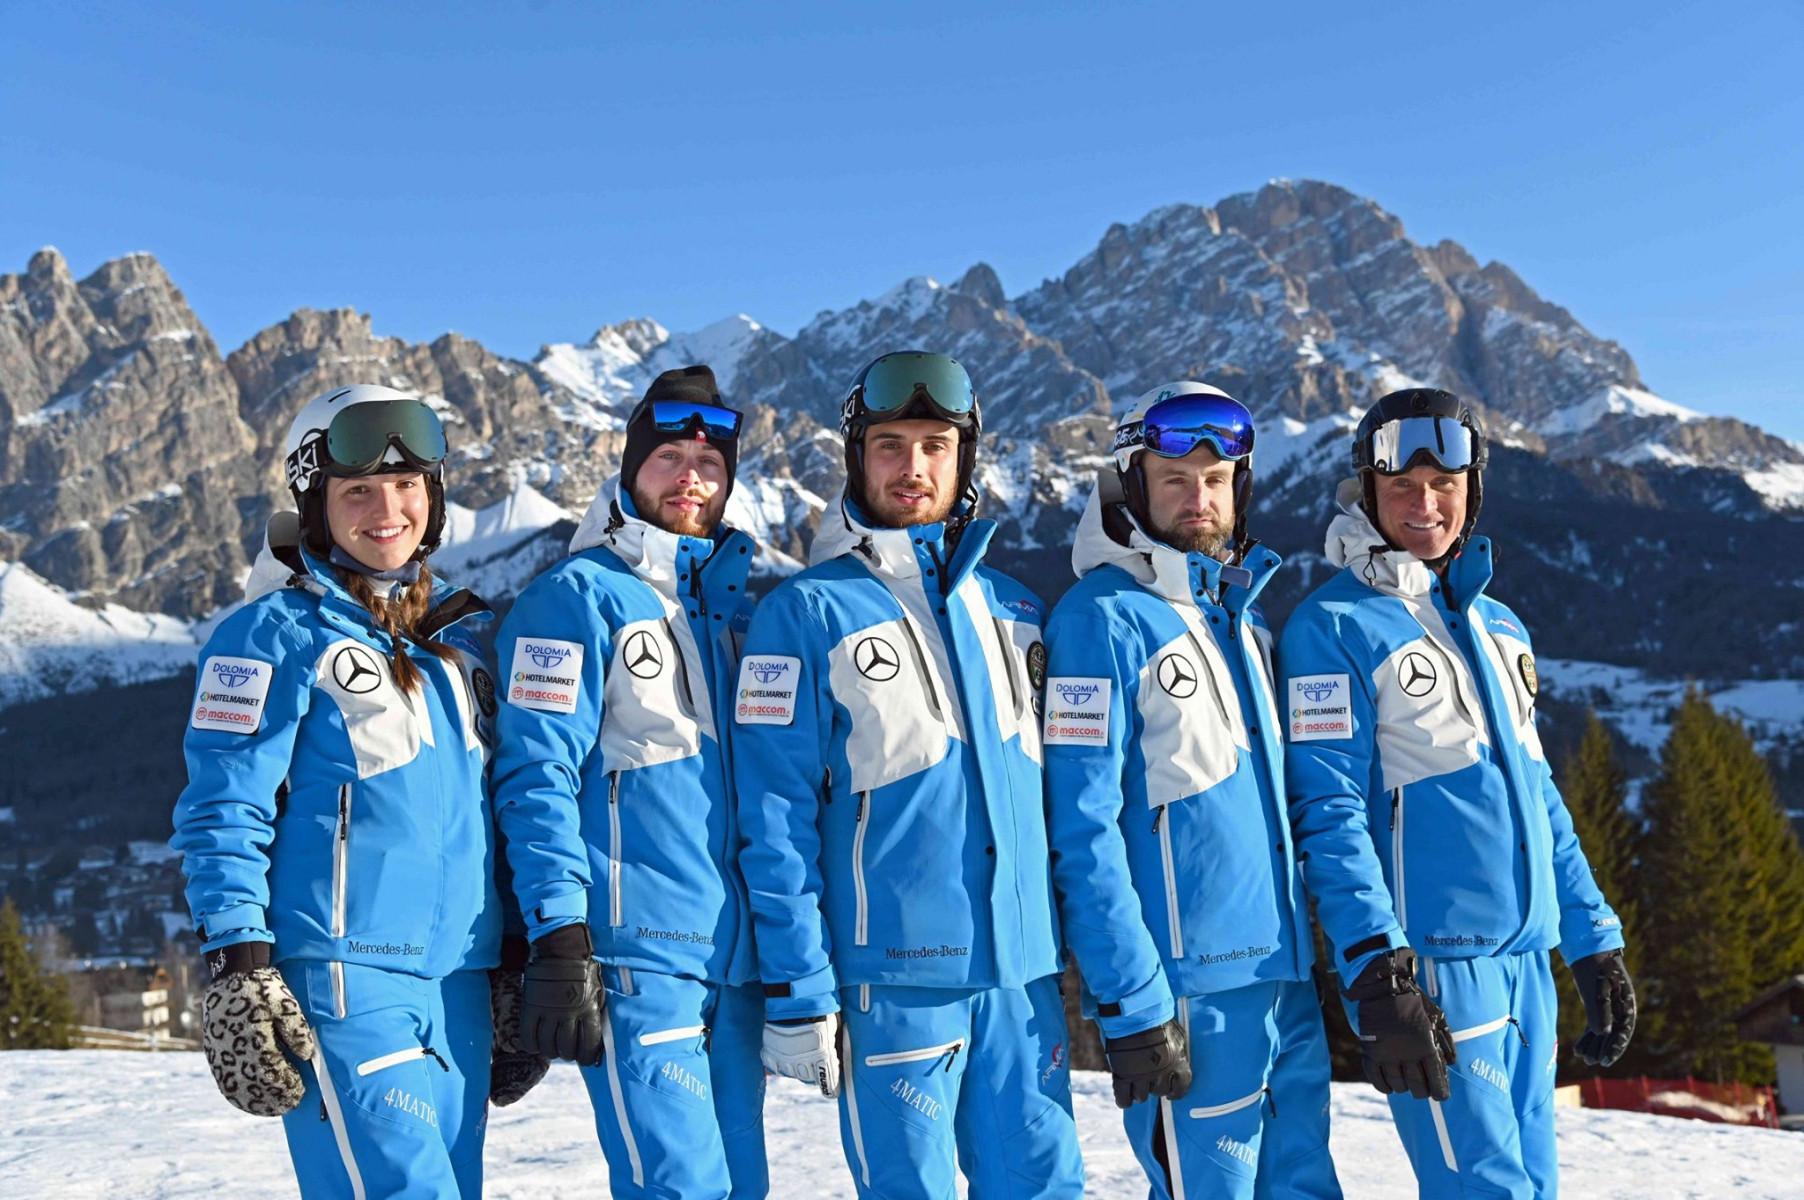 Lezione privata di snowboard a Cortina d'Ampezzo per tutti i livelli